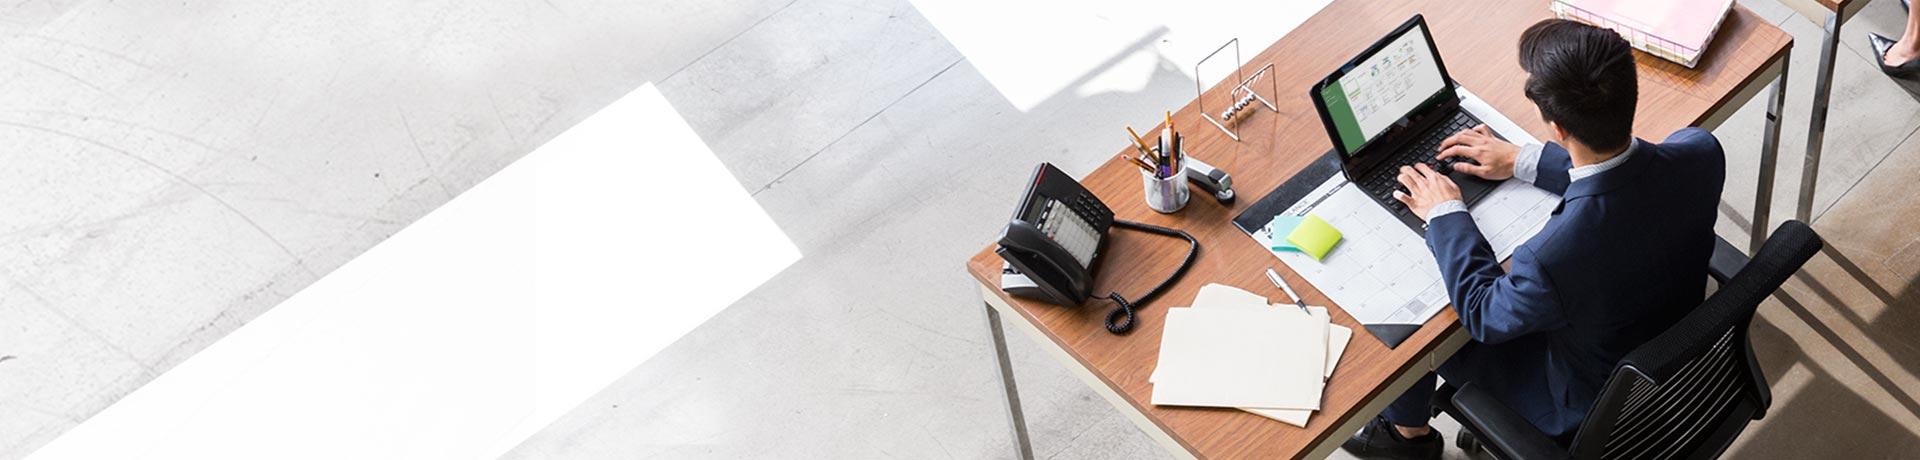 Homem sentado à mesa em um escritório, trabalhando em um arquivo do Microsoft Project em um laptop.